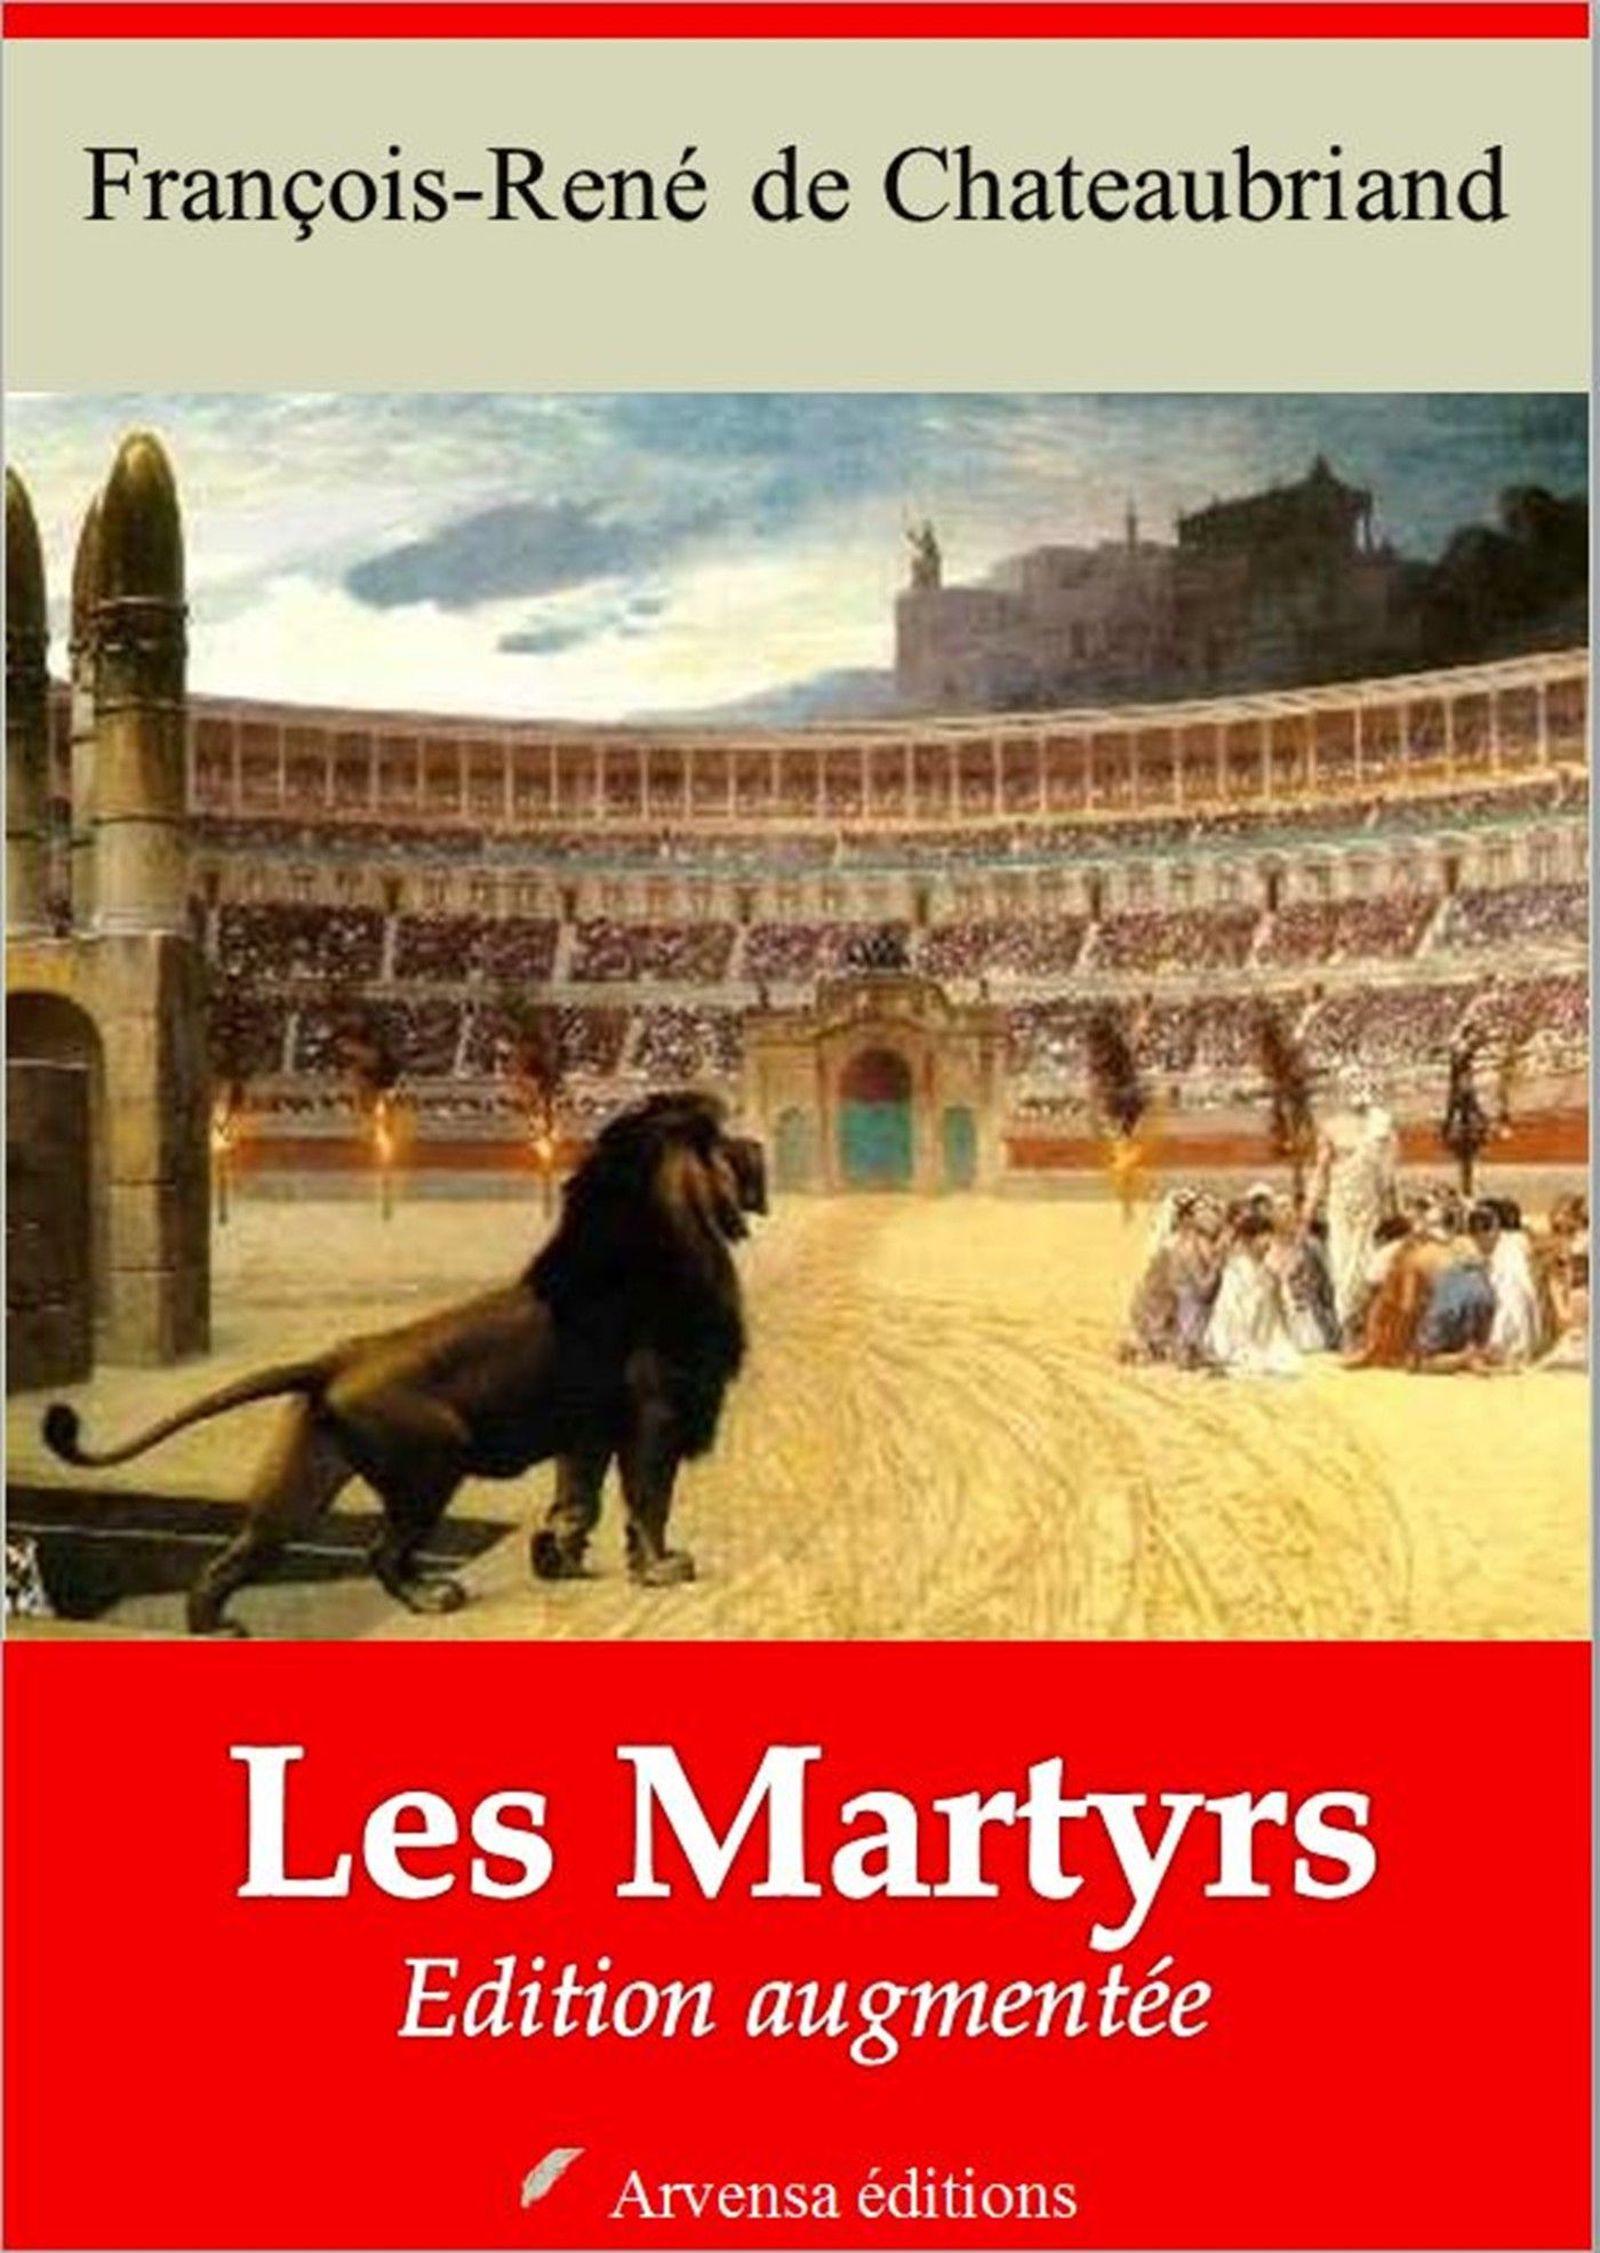 Les Martyrs - suivi d'annexes